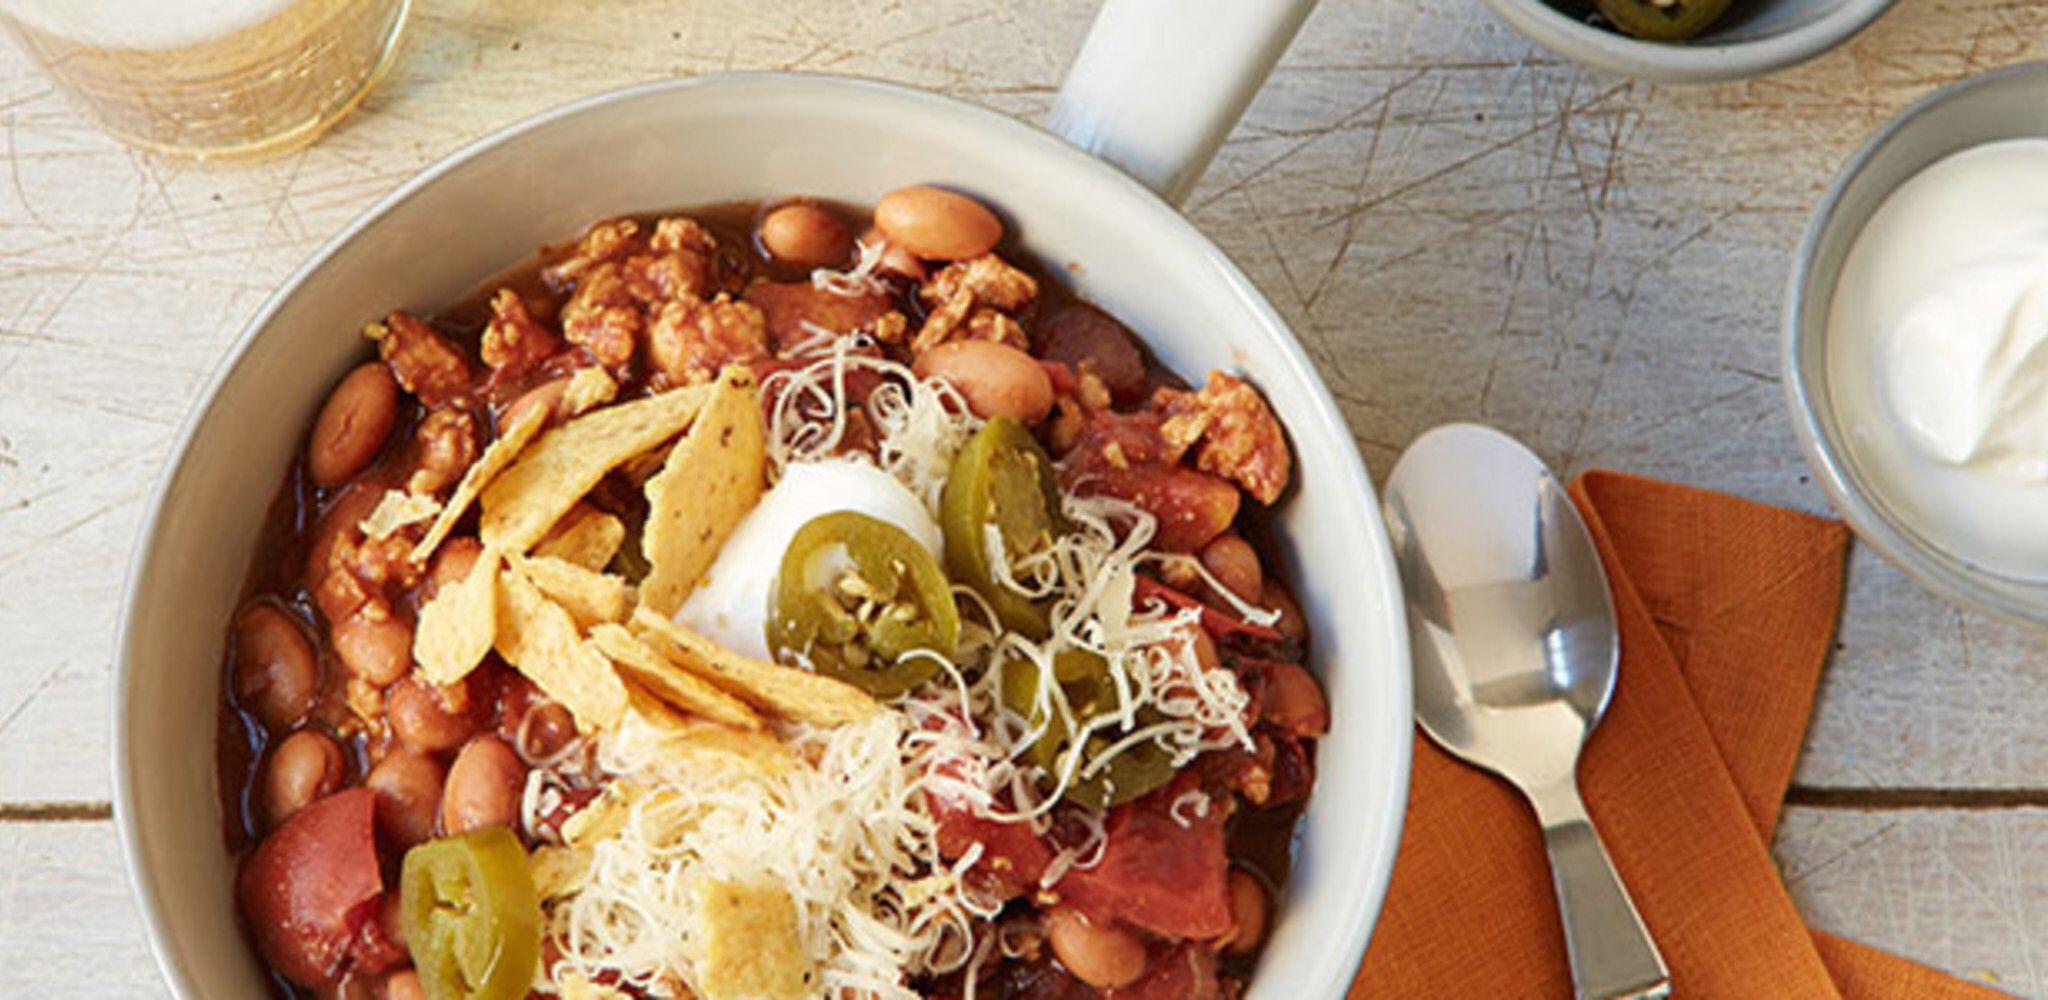 Slow Cooker Turkey Chili Recipe Chili Recipe Turkey Slow Cooker Turkey Chili Food Network Recipes